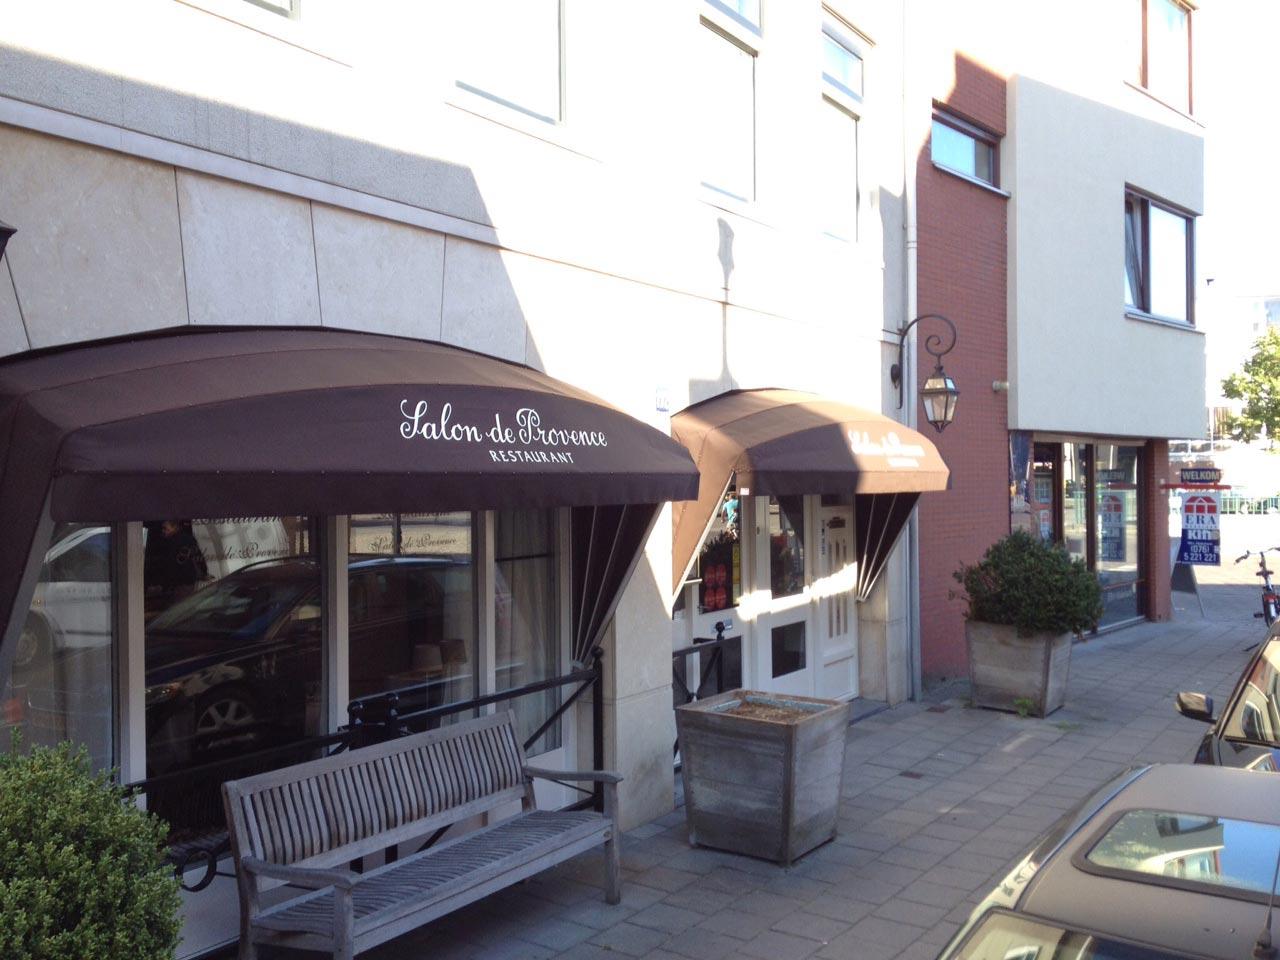 Salon de provence 1 witte bv - Piscine salon de provence canourgues ...